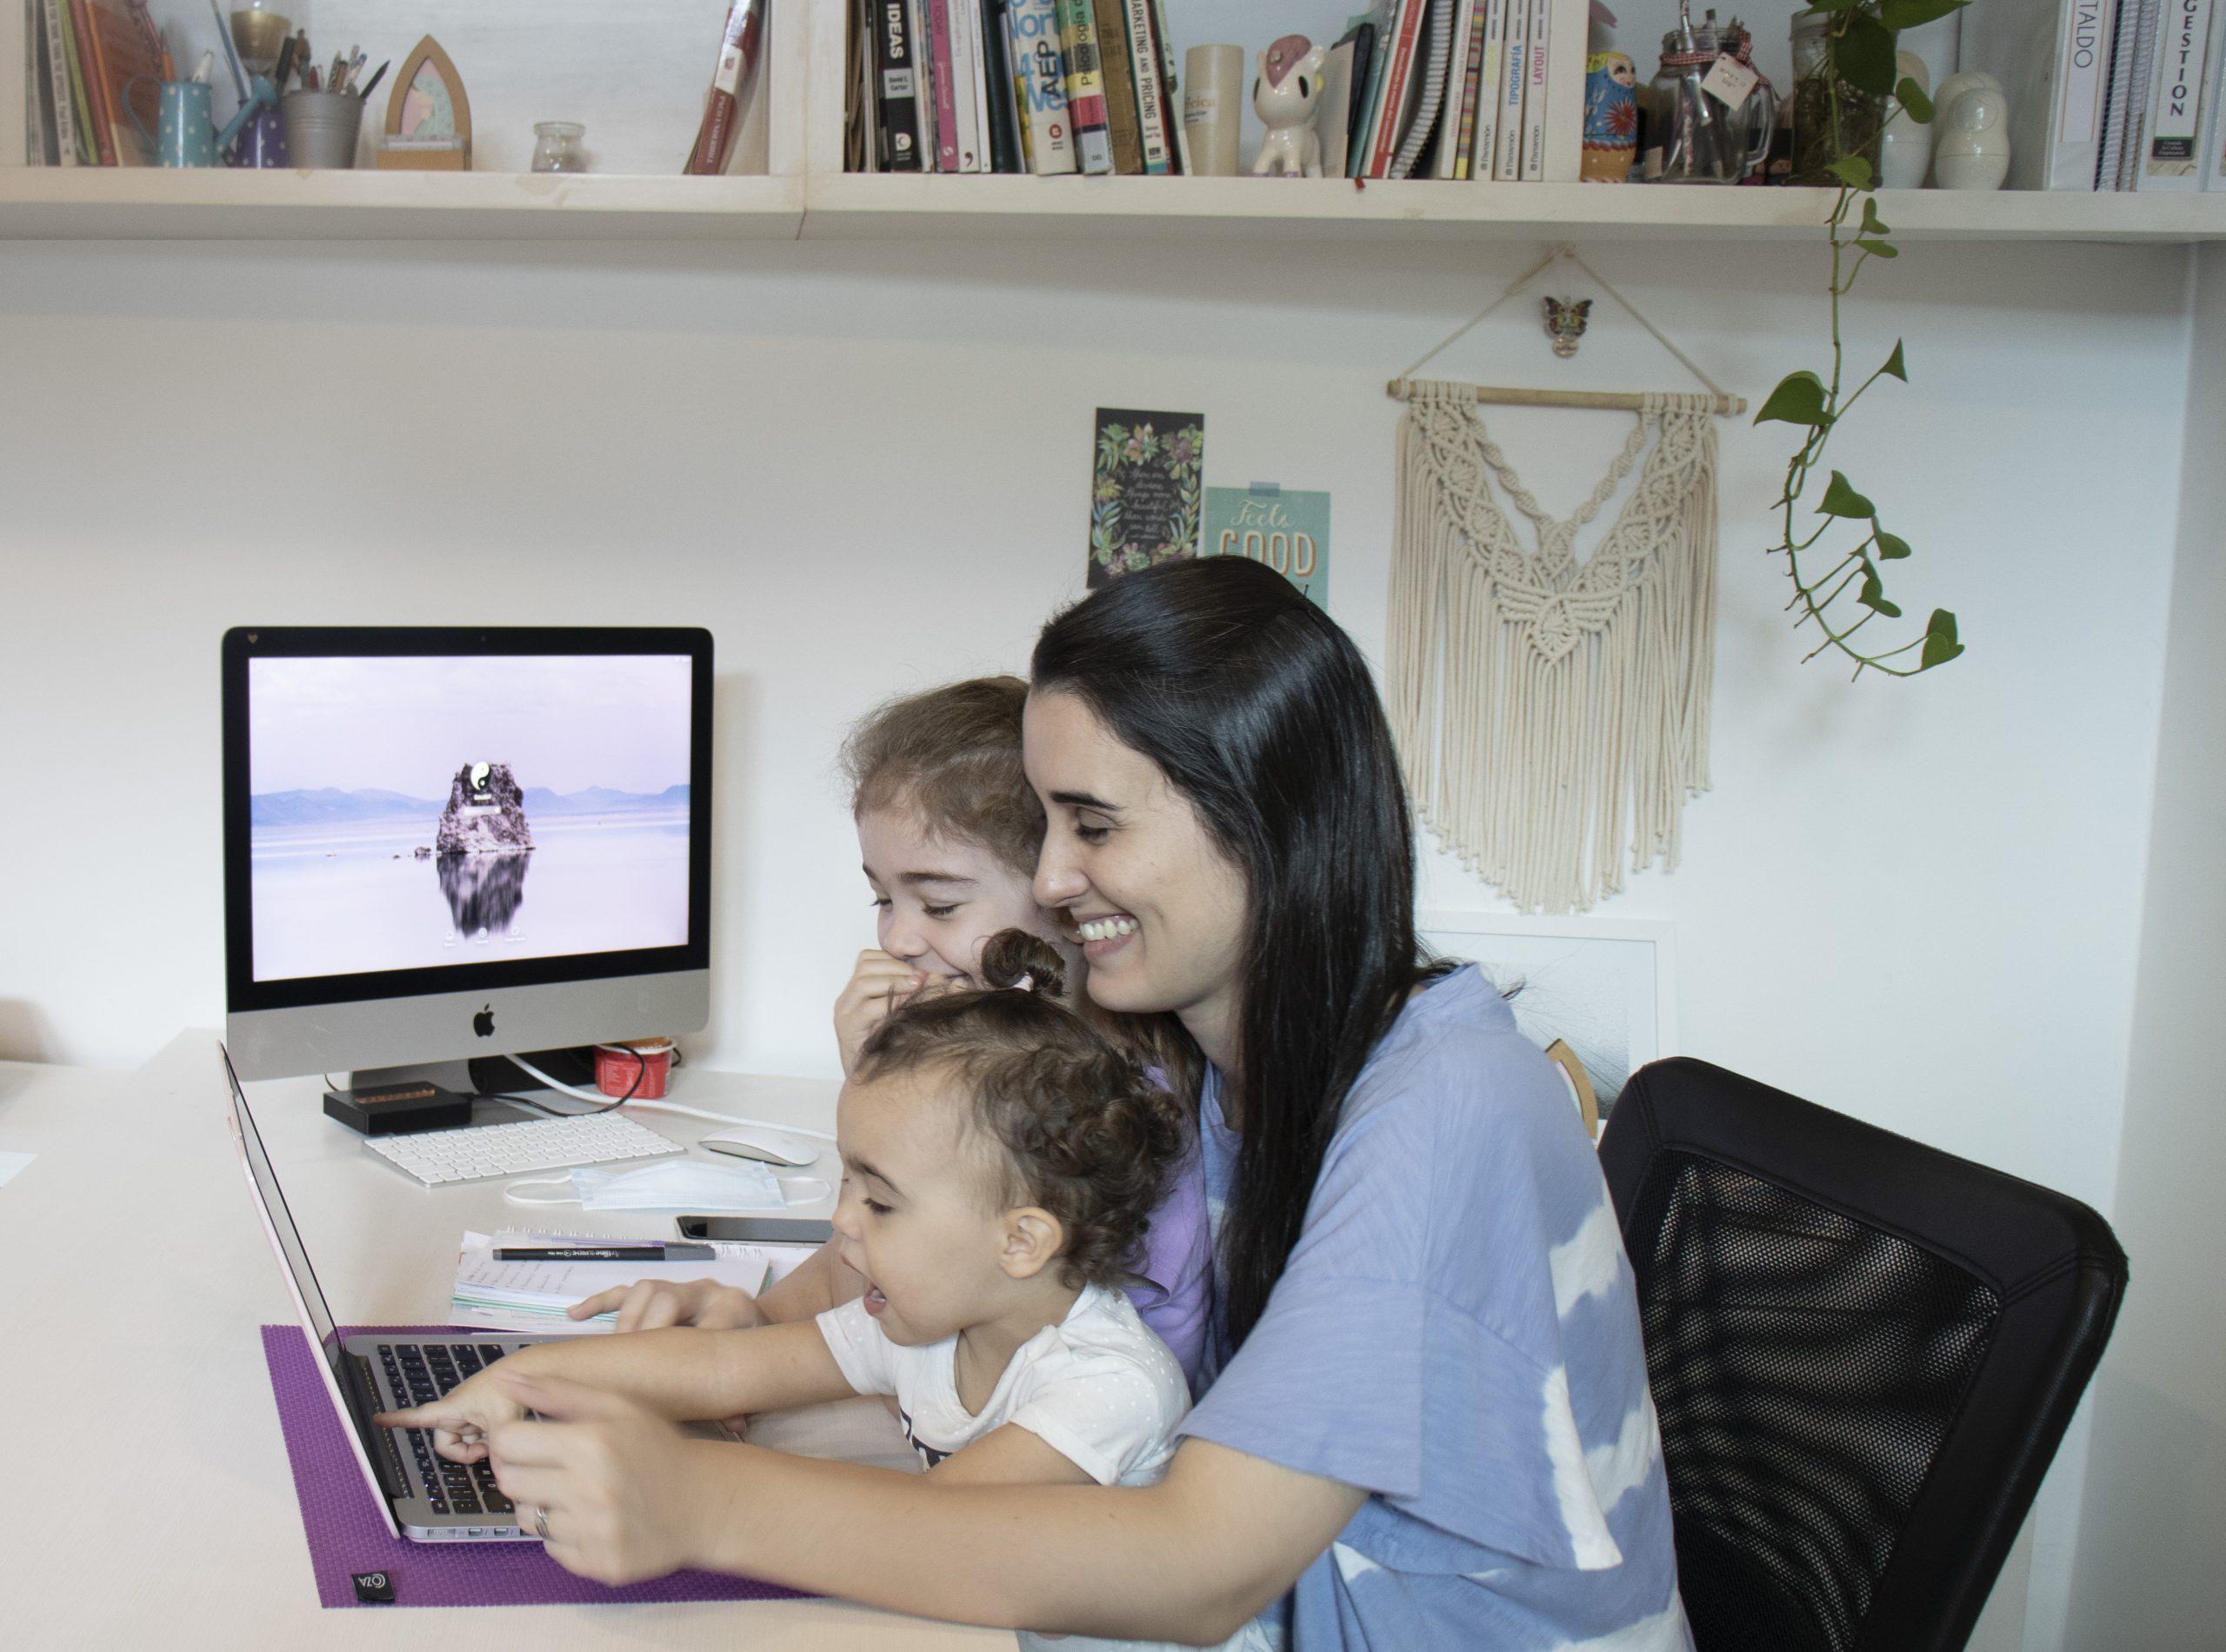 Sandra Cataldo una mujer profesional que es madre de familia y de marcas. Foto: Gentileza.